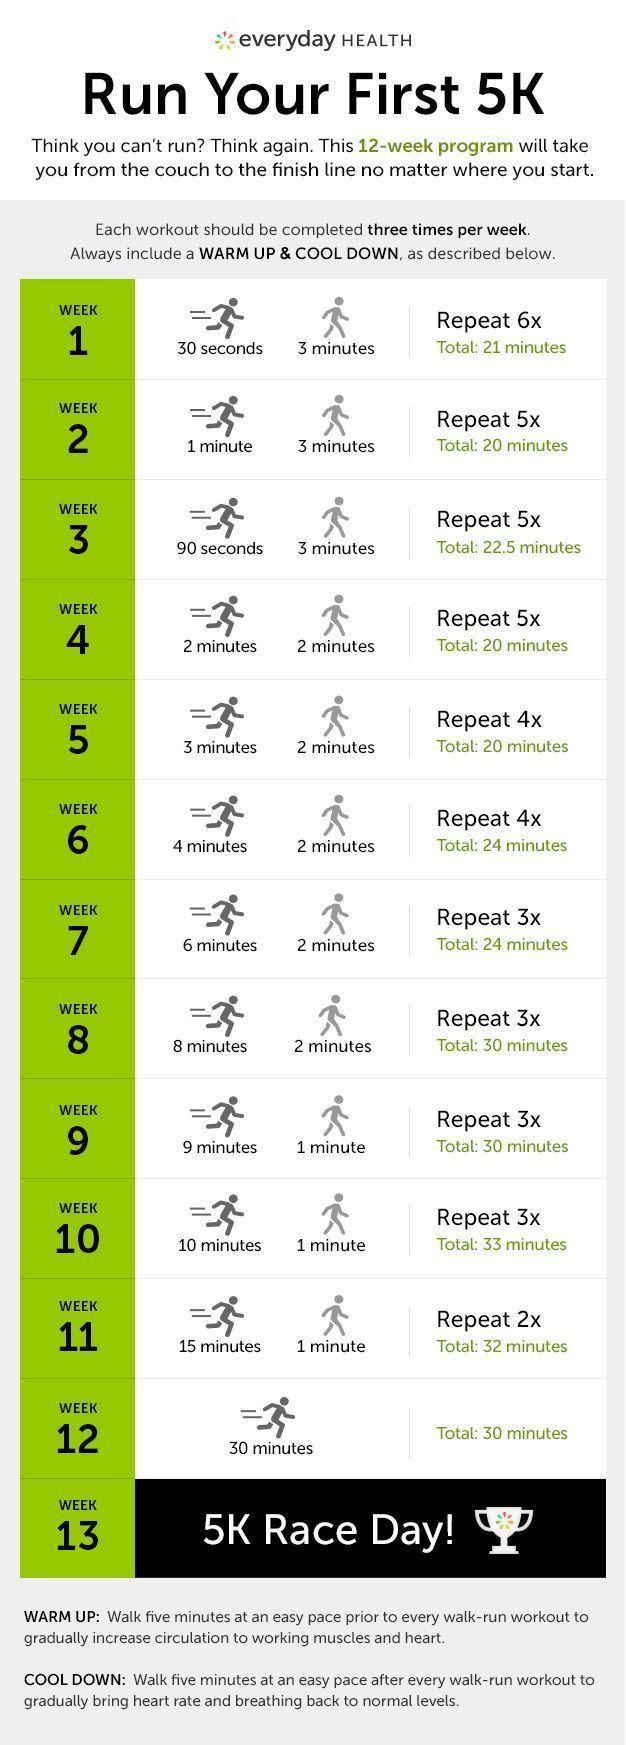 Trainiere für ein 5-km-Rennen in 12 Wochen #rennen #trainiere #wochen,